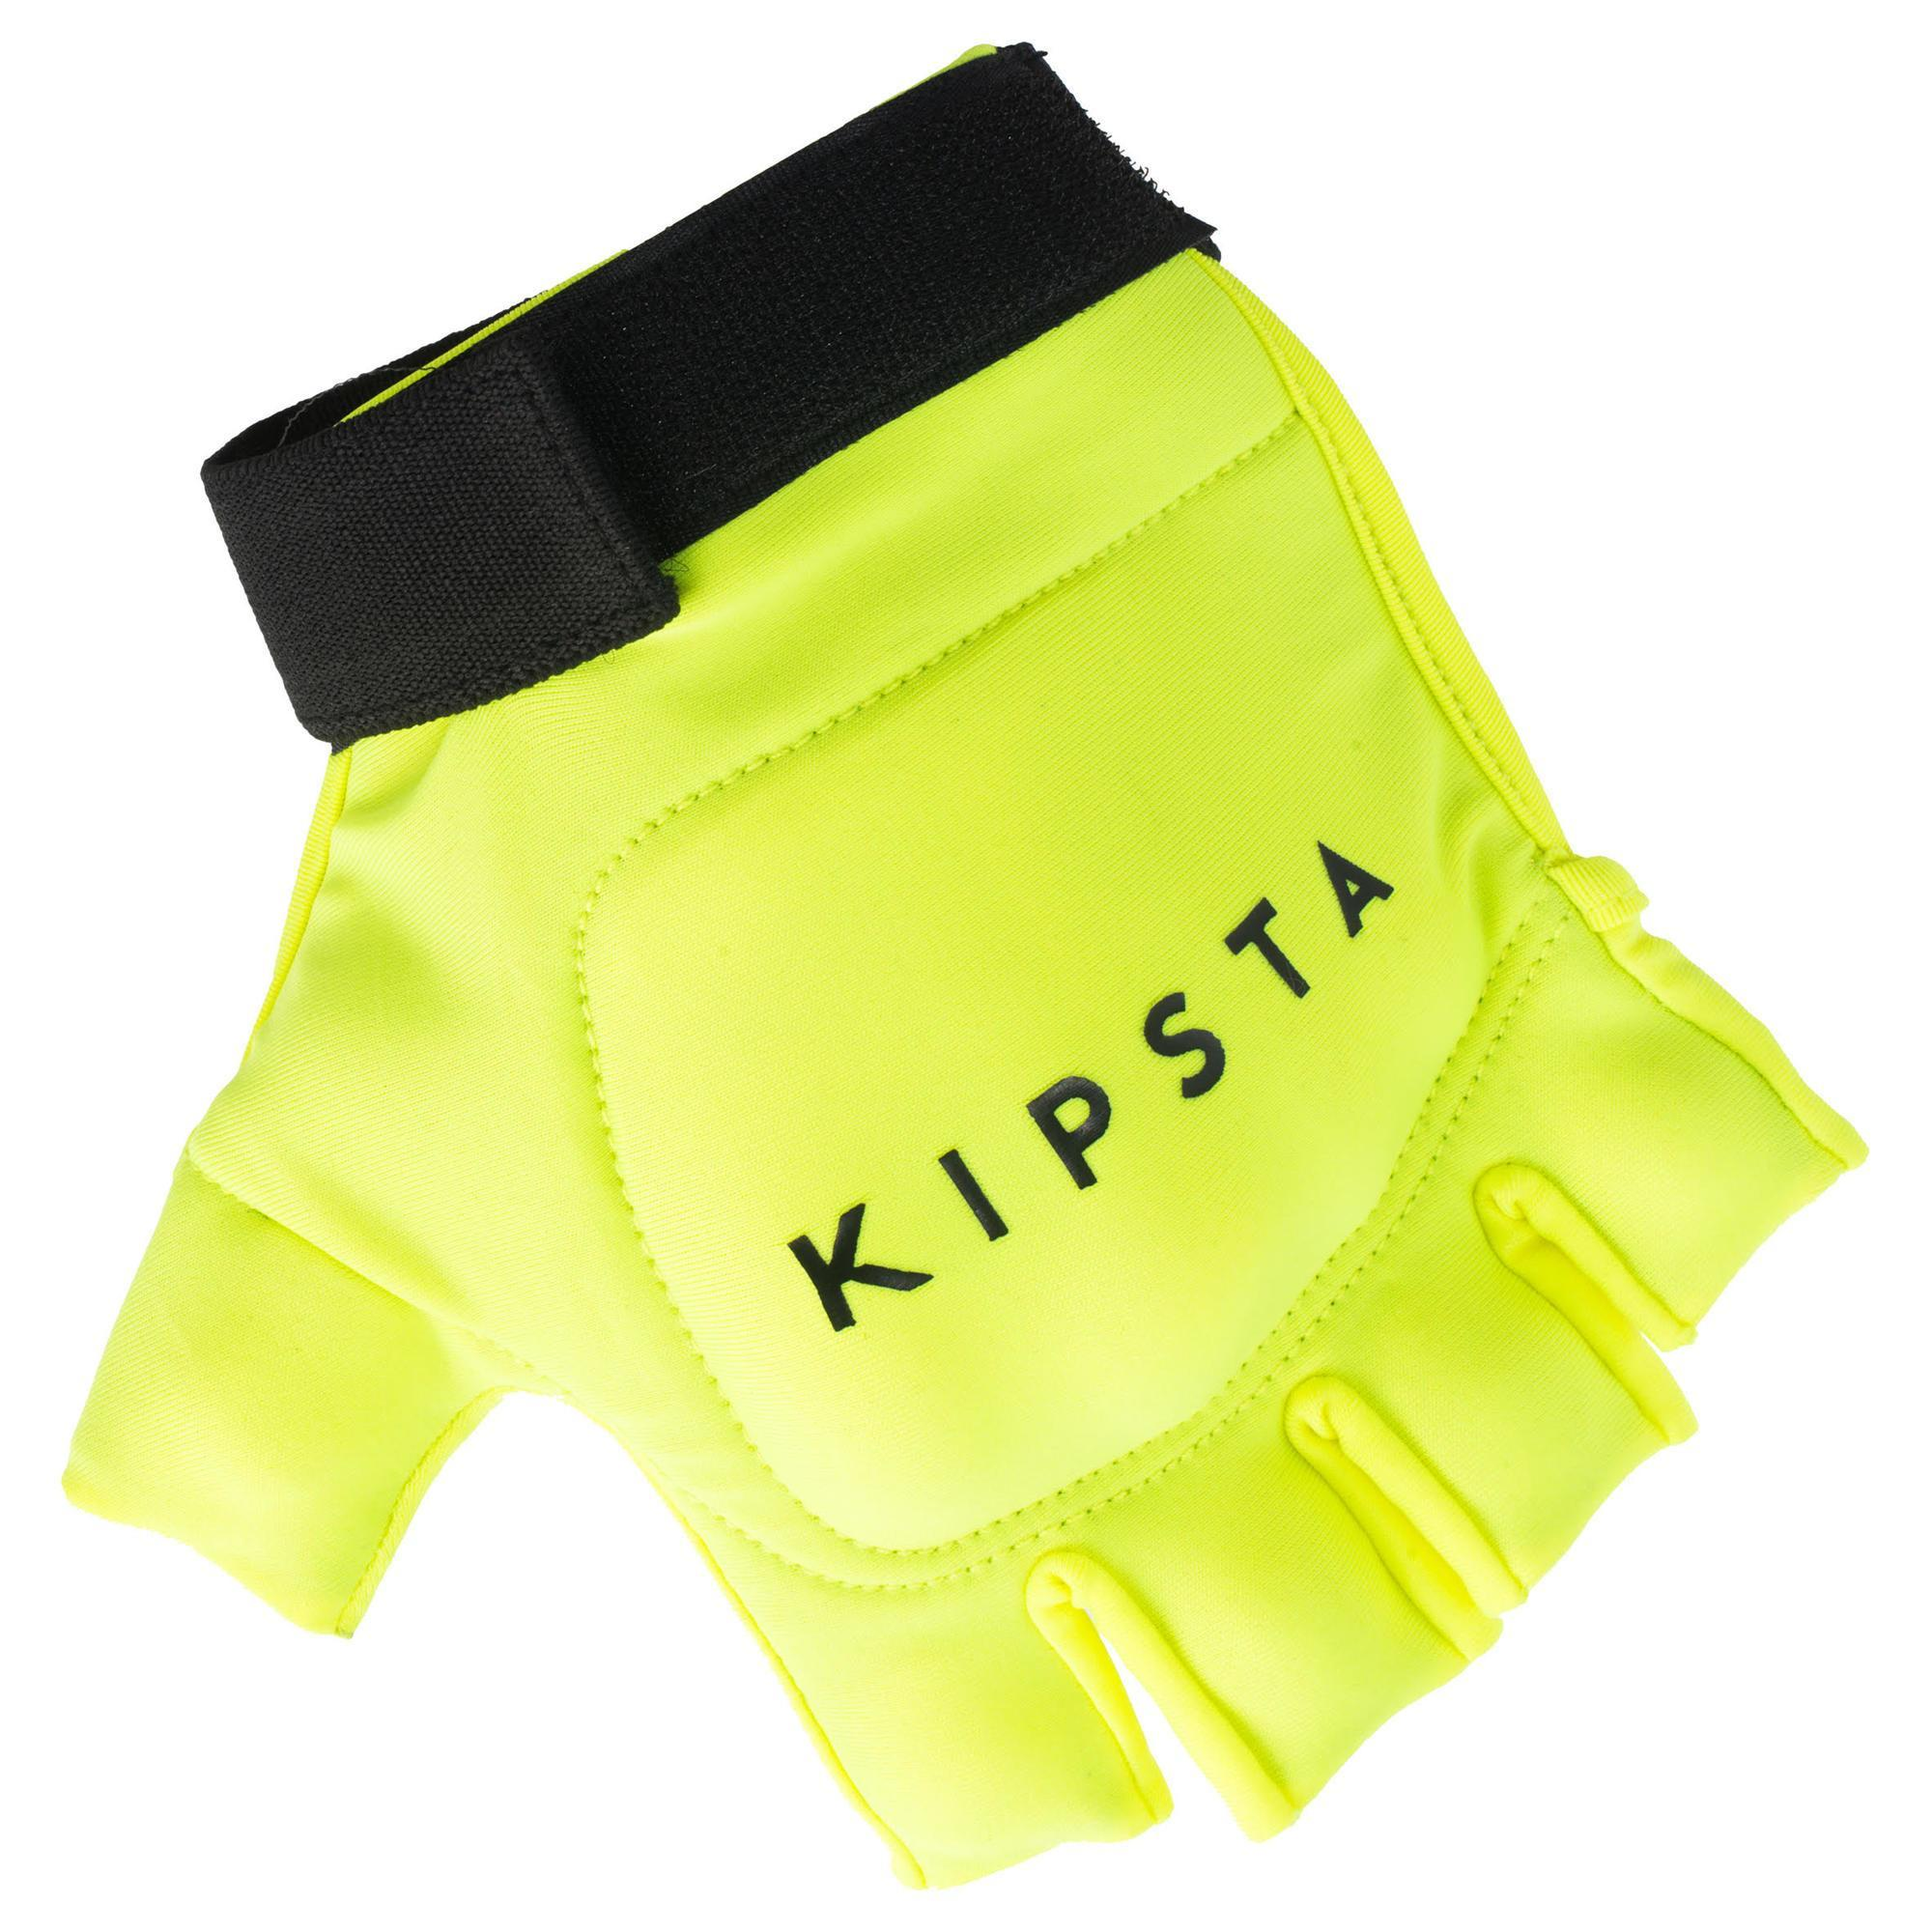 Kipsta Hockeyhandschoen lage / gemiddelde intensiteit kinderen / volwassenen FH100 geel